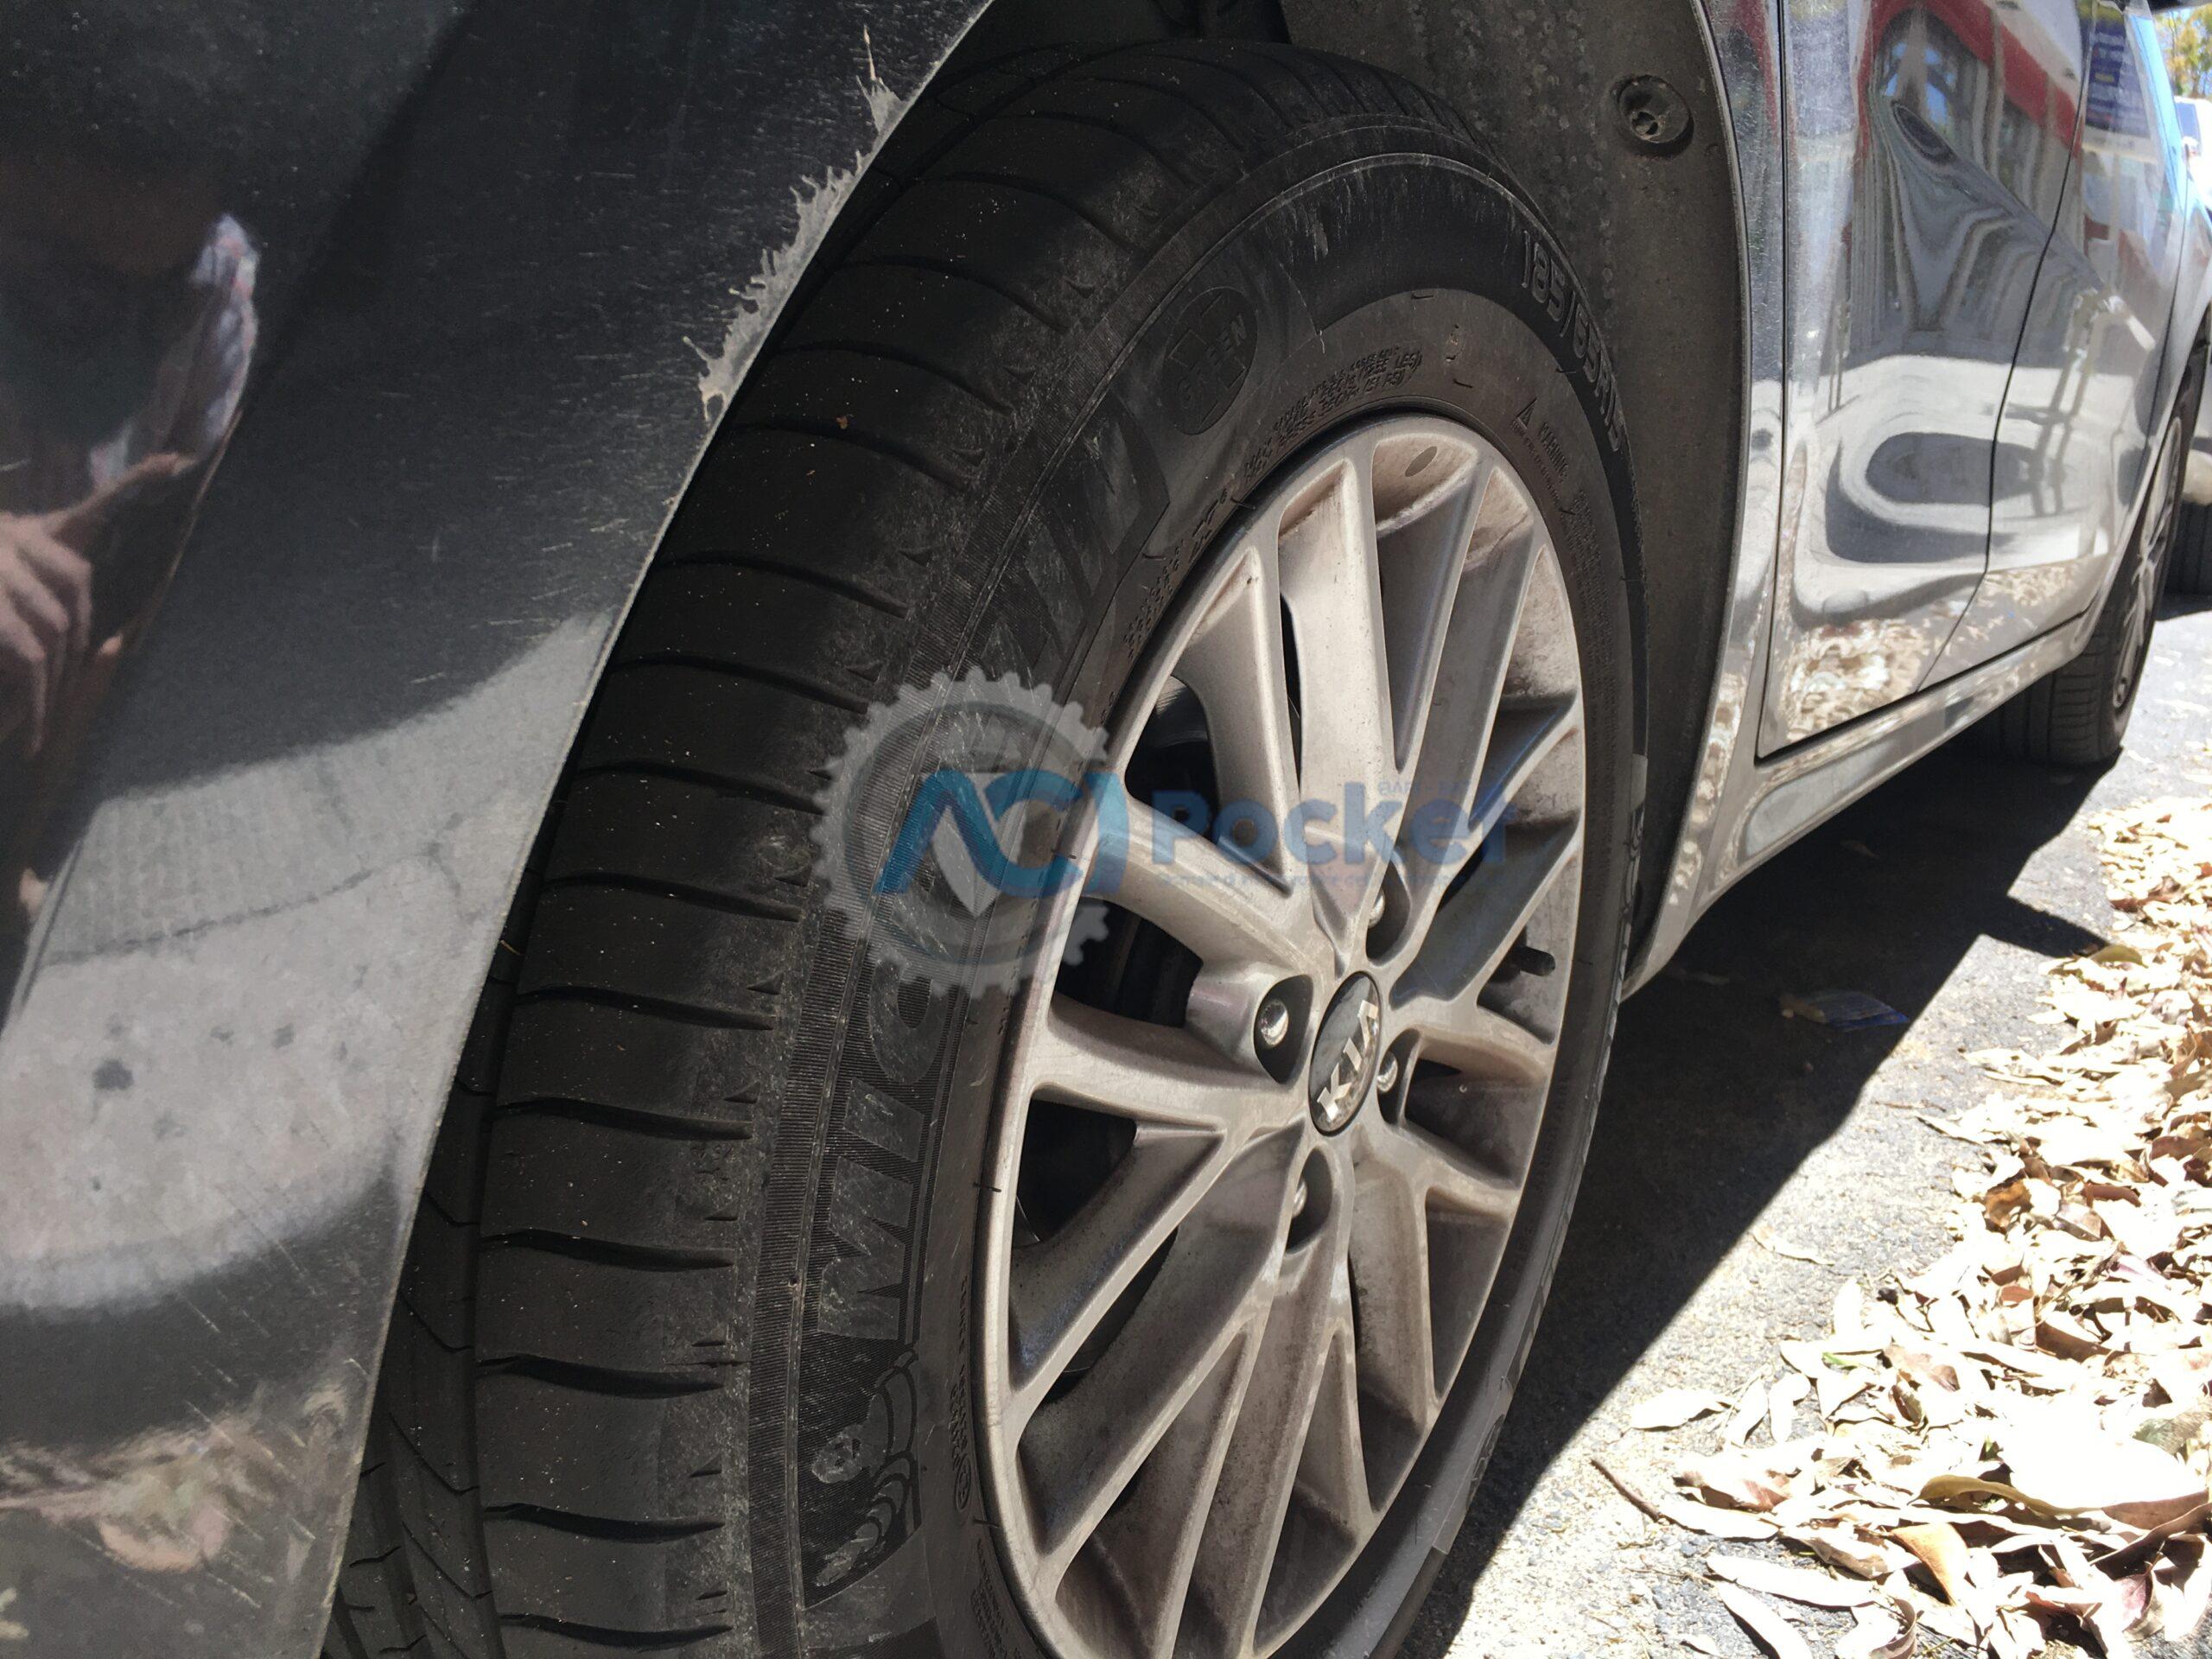 Guida assistita: cosa cambia nei nuovi protocolli di verifica presentati da Euro NCAP